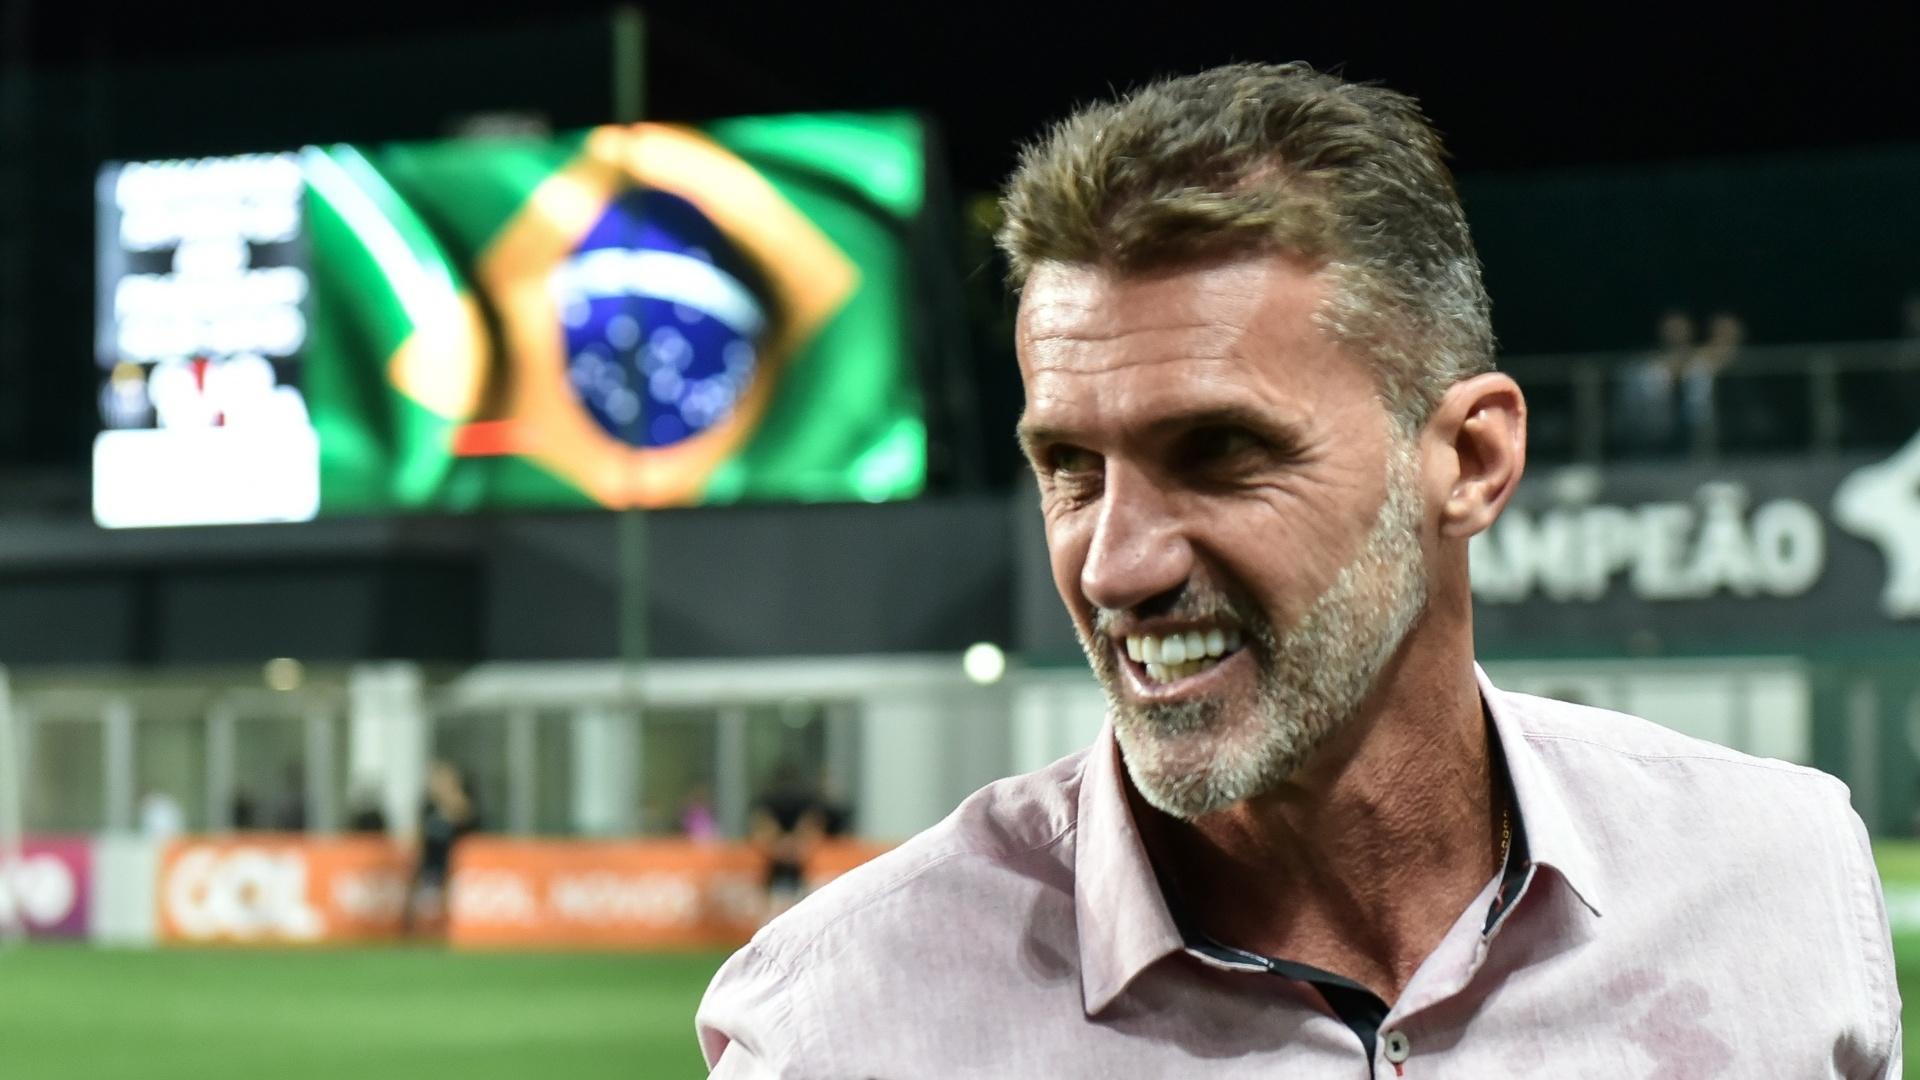 O técnico Vagner Mancini sorri antes do jogo entre Atlético-MG e Vitória